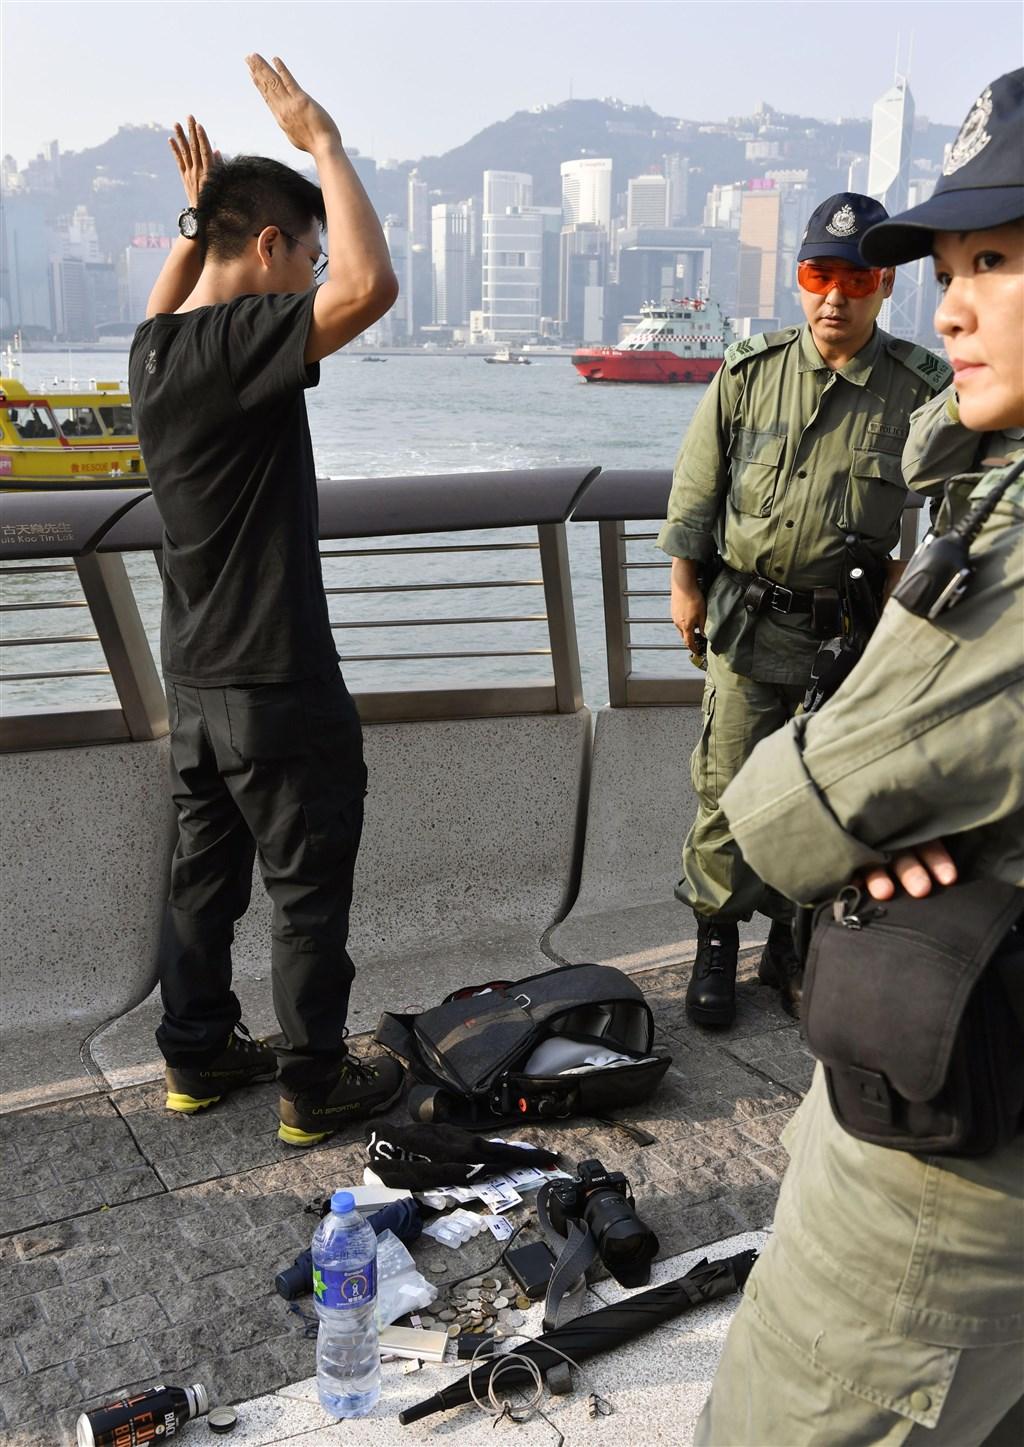 反送中運動已持續了3個多月,至今香港陷入一片陰霾之中,而在「十一」來臨之際,更是進入高危期。圖為香港警察在路上盤查民眾。(共同社提供)